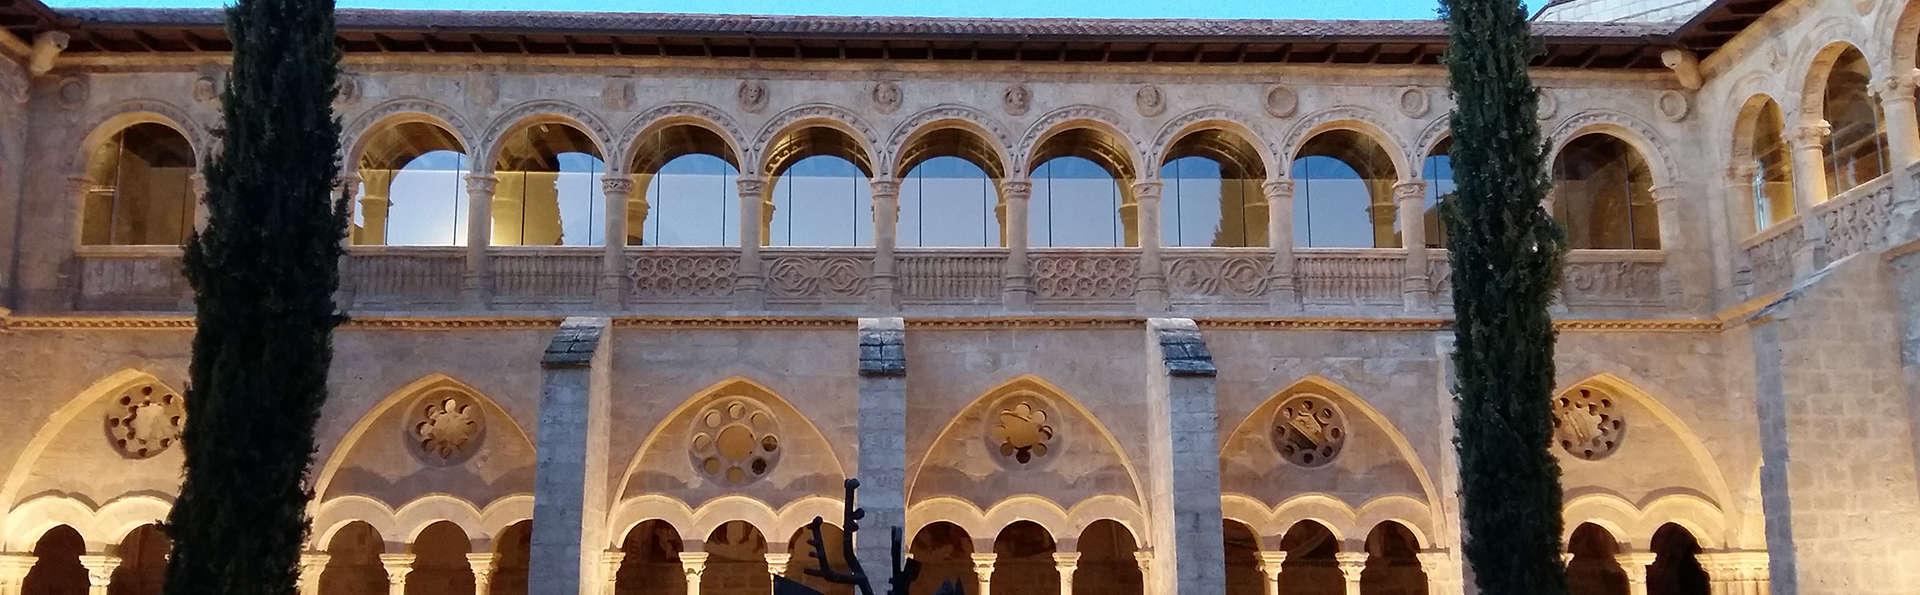 Castilla Termal Monasterio de Valbuena - EDIT_NEW_Front.jpg